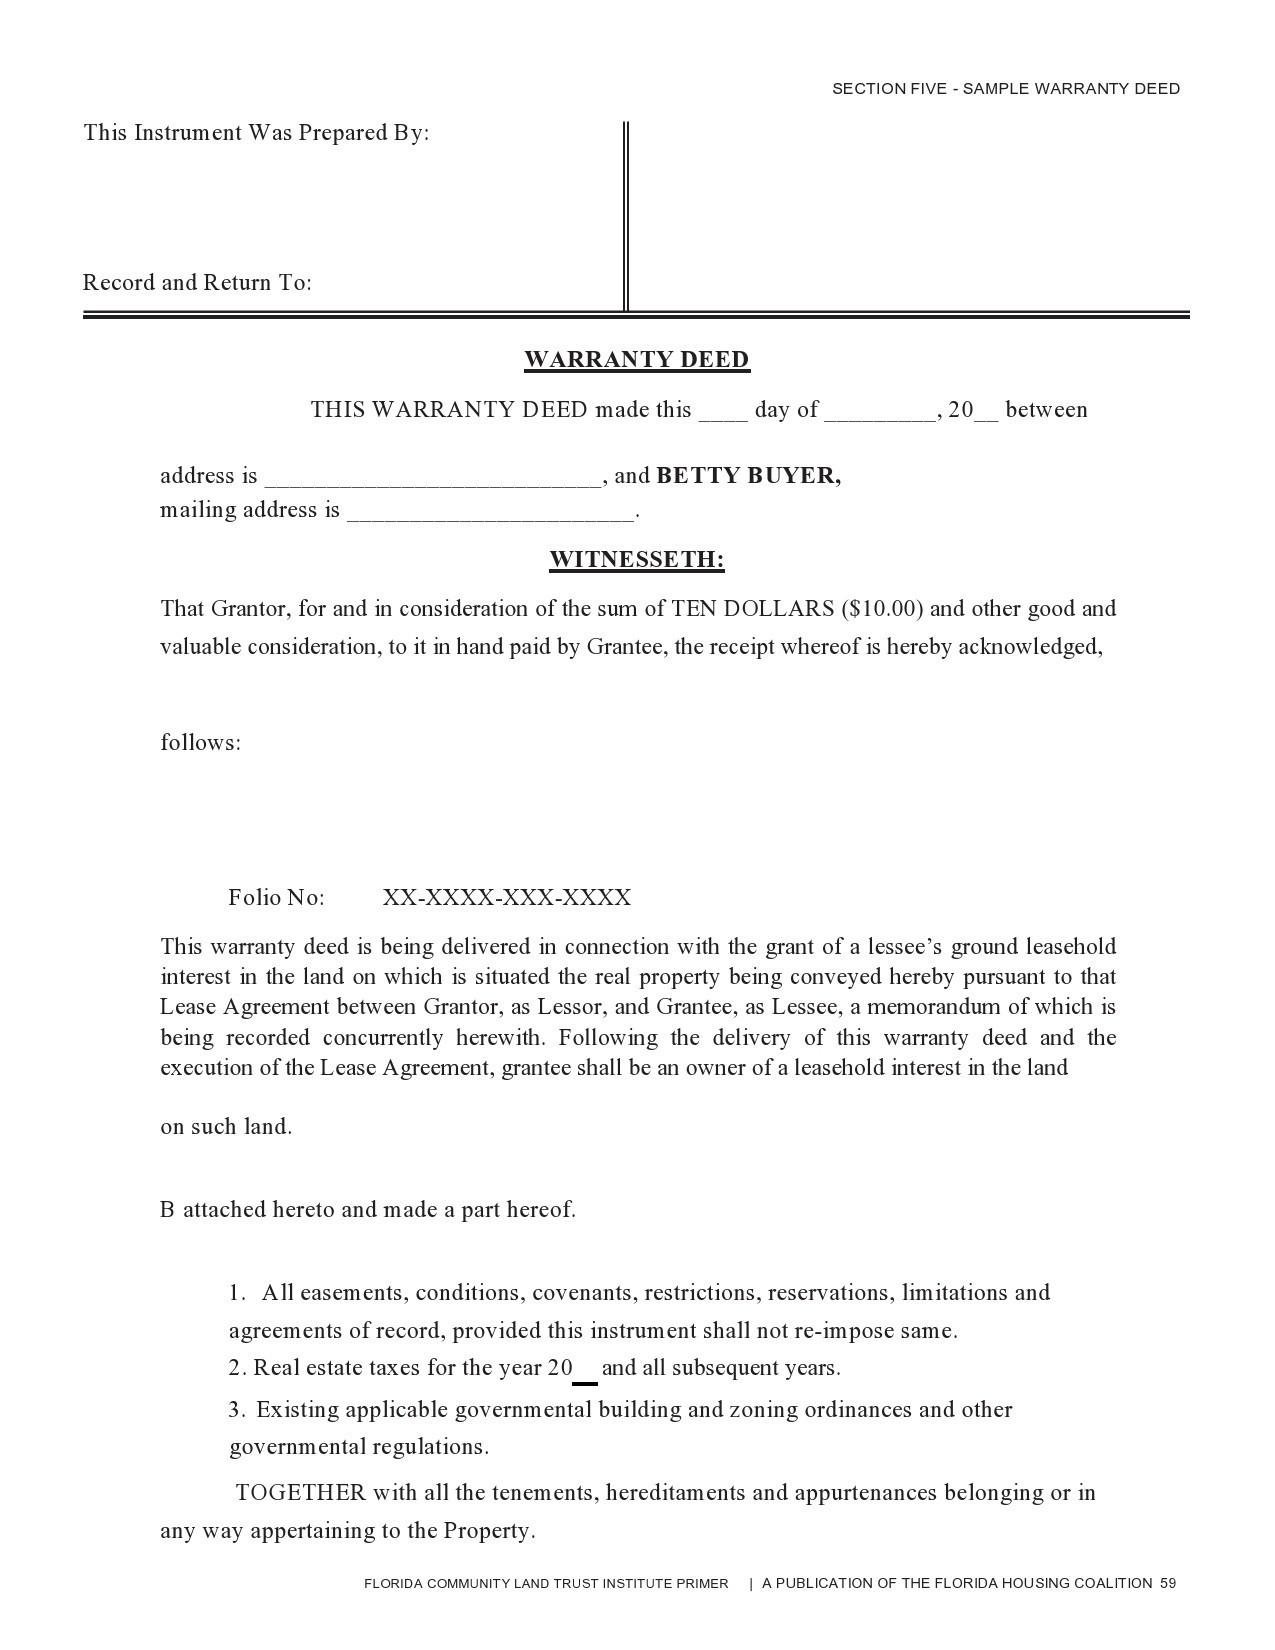 Free warranty deed form 35